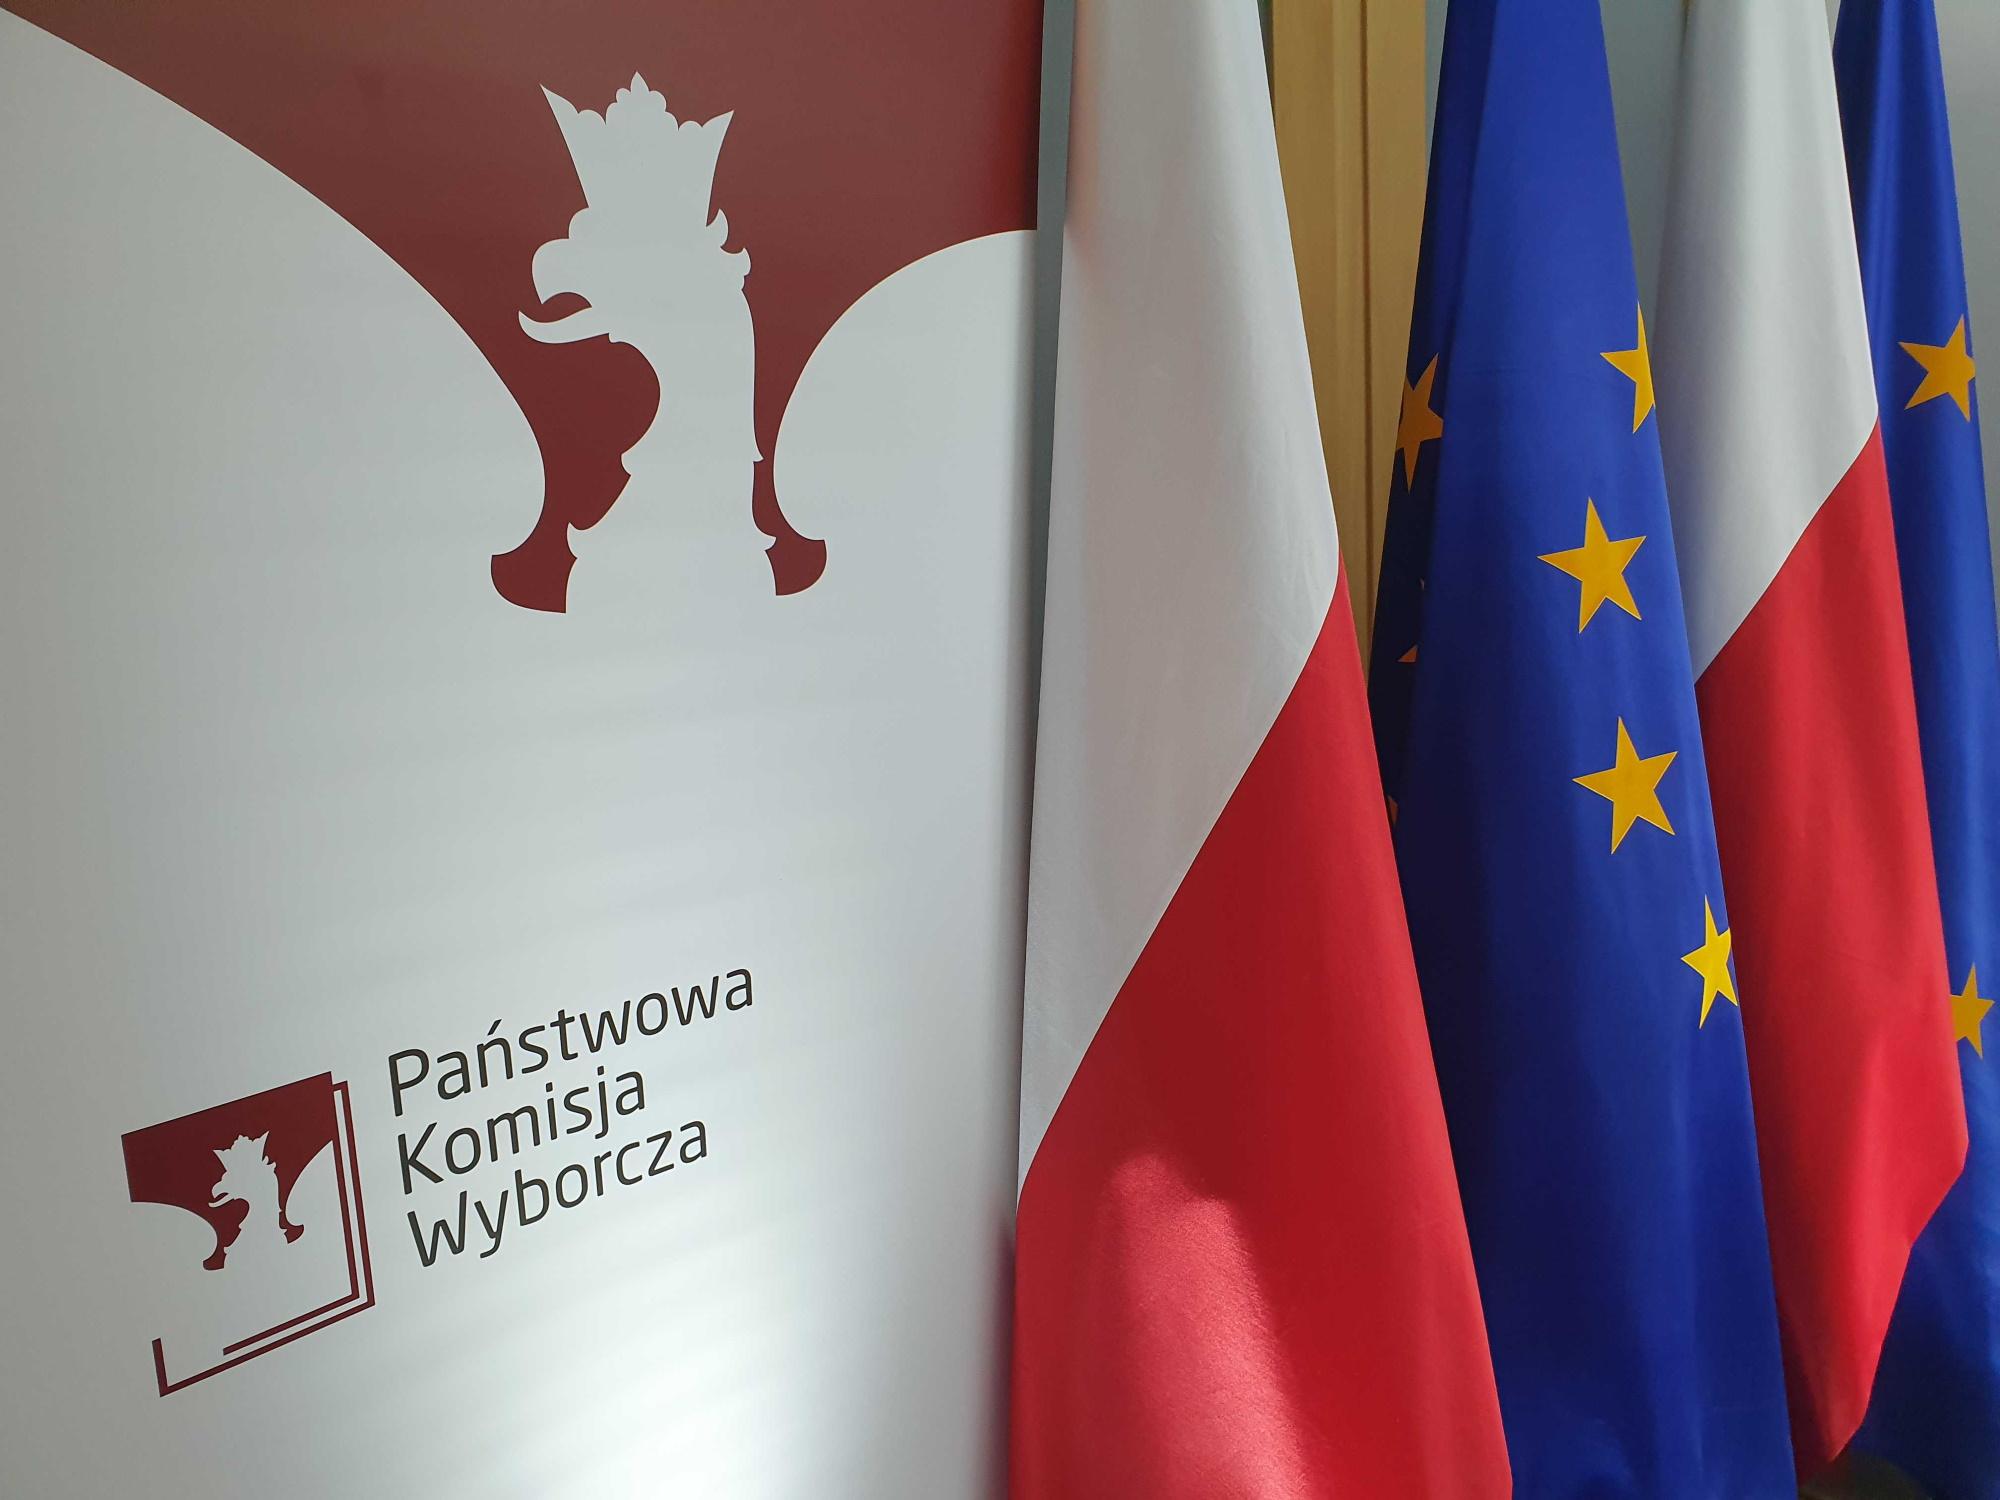 Fot. PTWP (Grzegorz Dyjak)